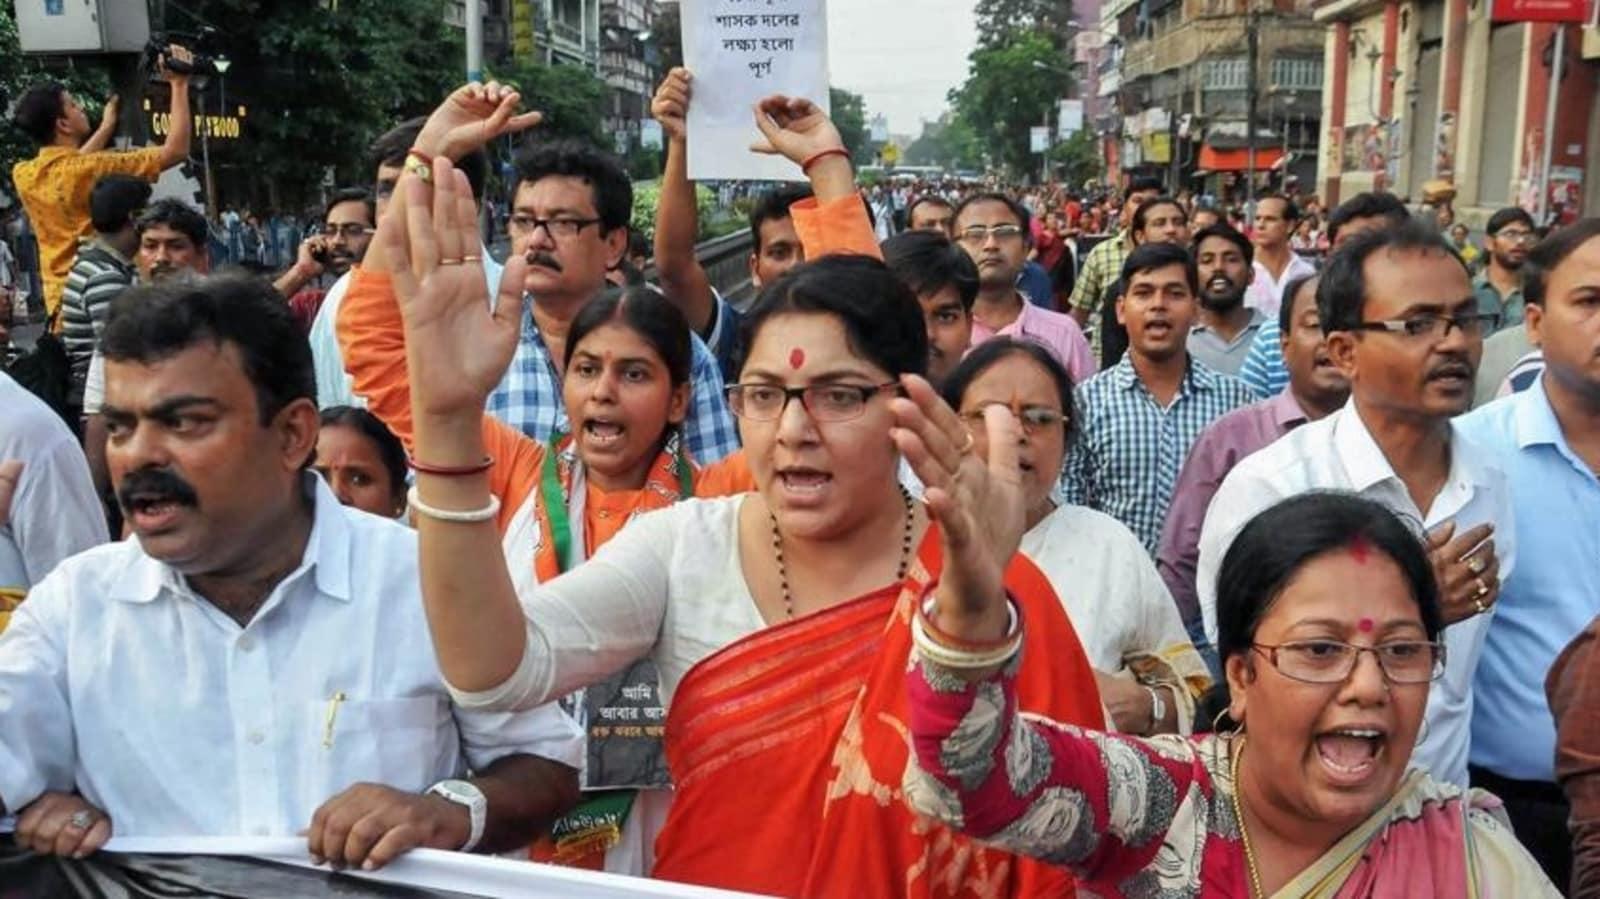 'Focussing on Uttarakhand': BJP MP junks TMC leader's 'return' greeting